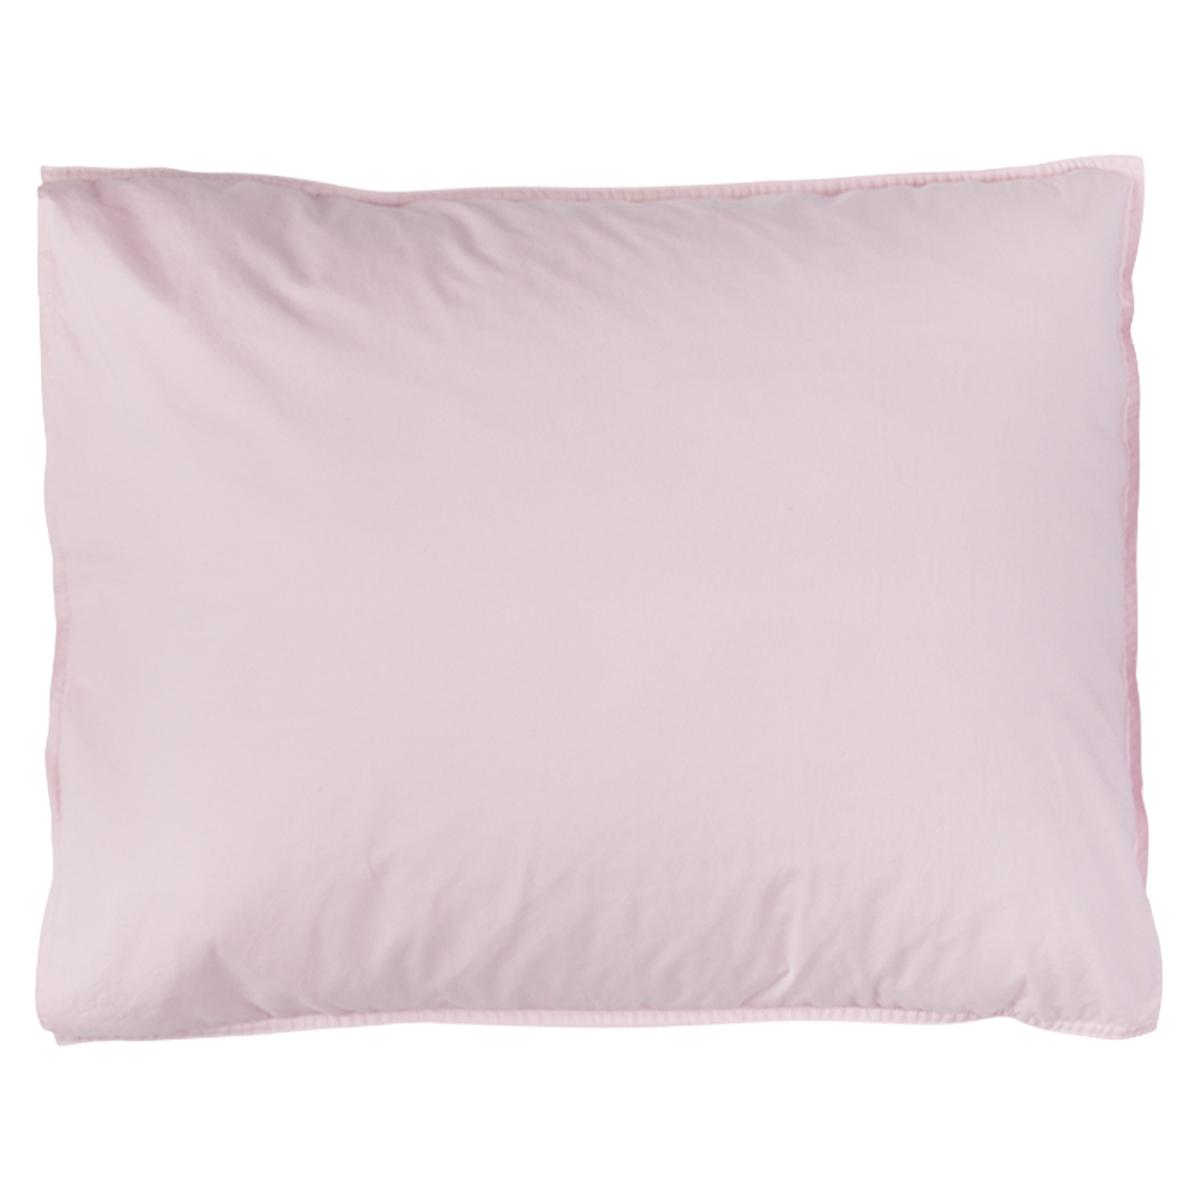 Matri Noora Pillowcase, Rose